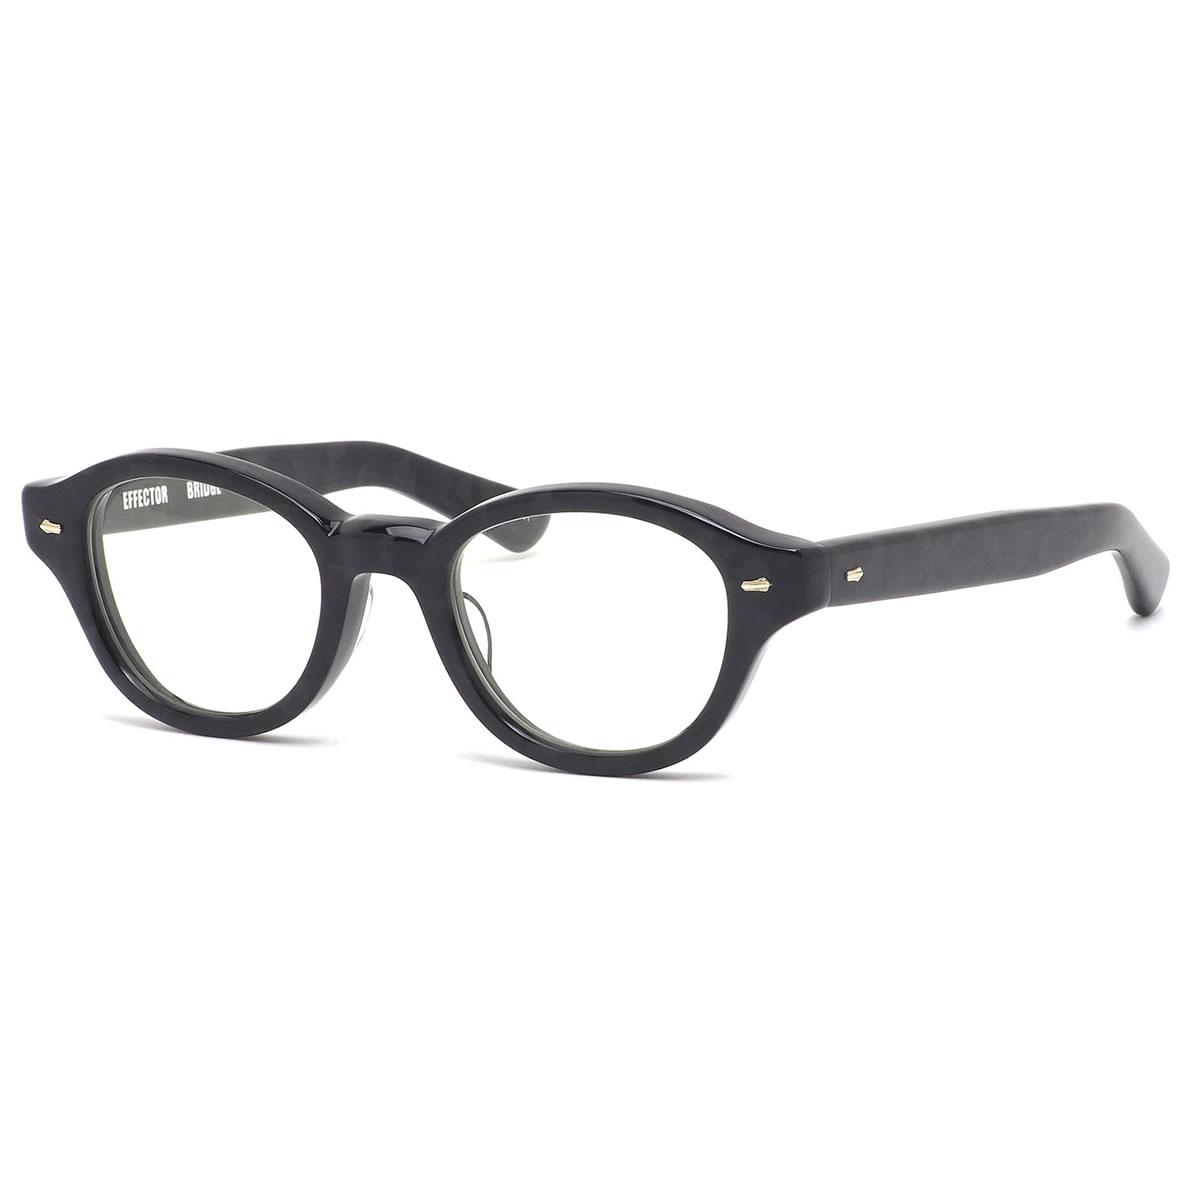 エフェクター EFFECTOR メガネ 伊達メガネセット BRIDGE BKCA 49サイズ ブリッジ ウェリントン ボストン ボスリントン 黒 カモフラージュ 迷彩 日本製 鯖江 MADE IN JAPAN かっこいい 近視 乱視 遠視 老眼 メンズ レディース